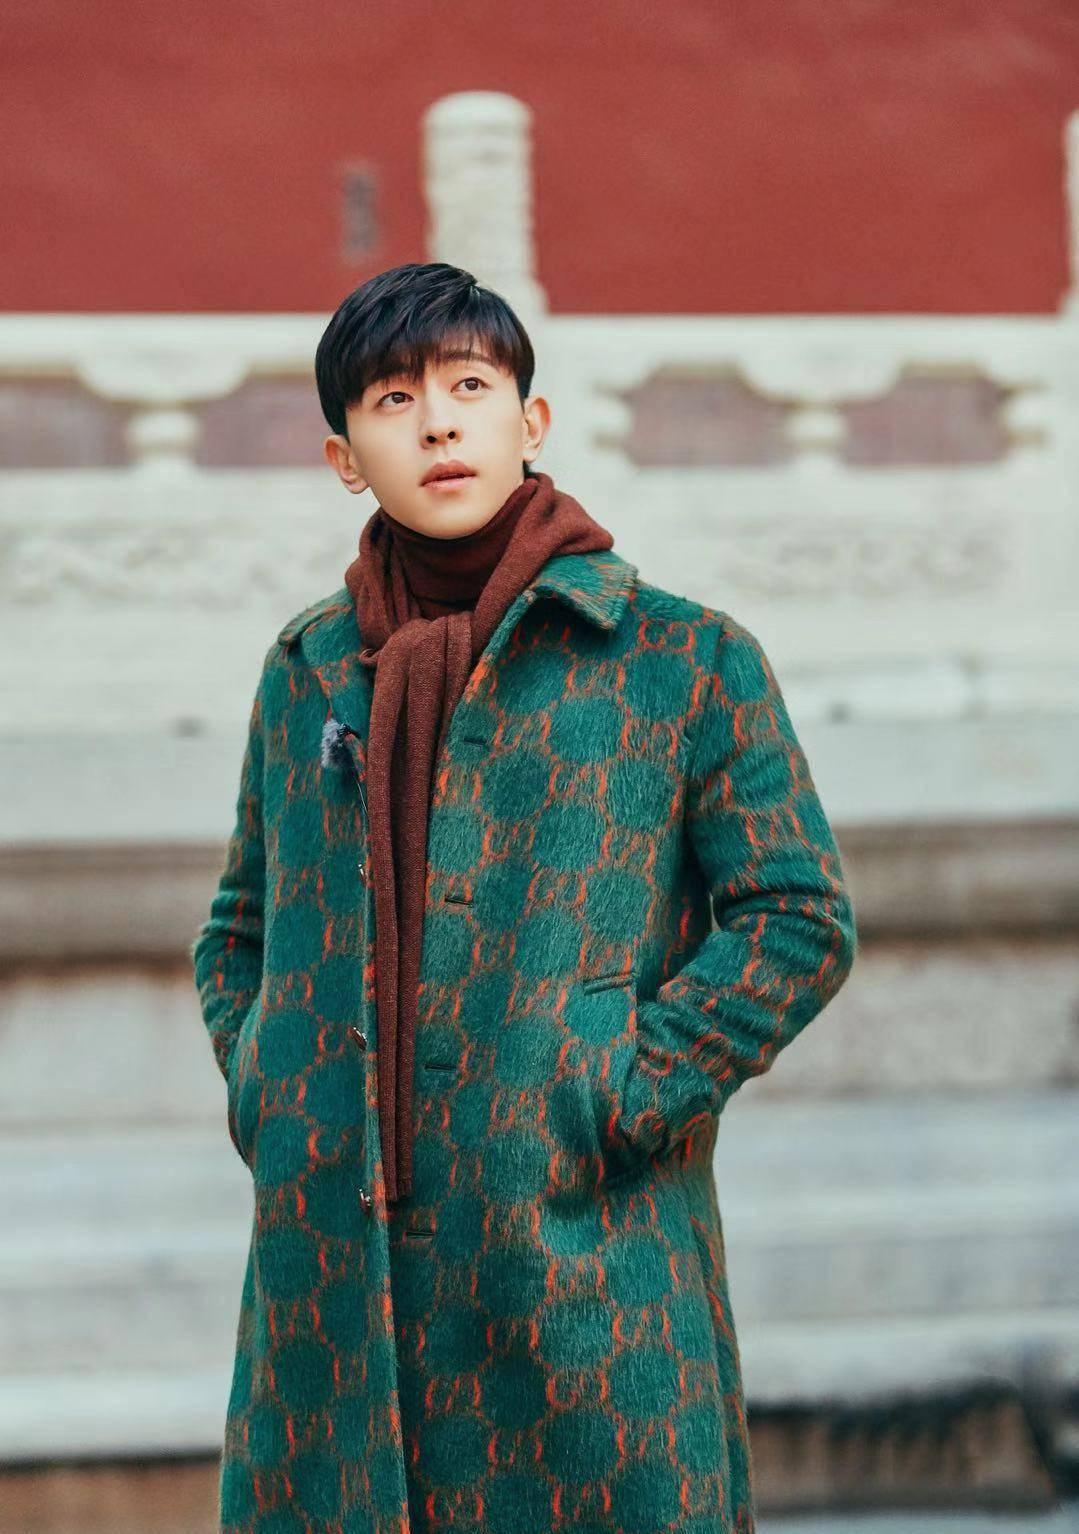 邓伦大衣穿出新花样!红配绿不仅不难看,穿上之后帅气十足